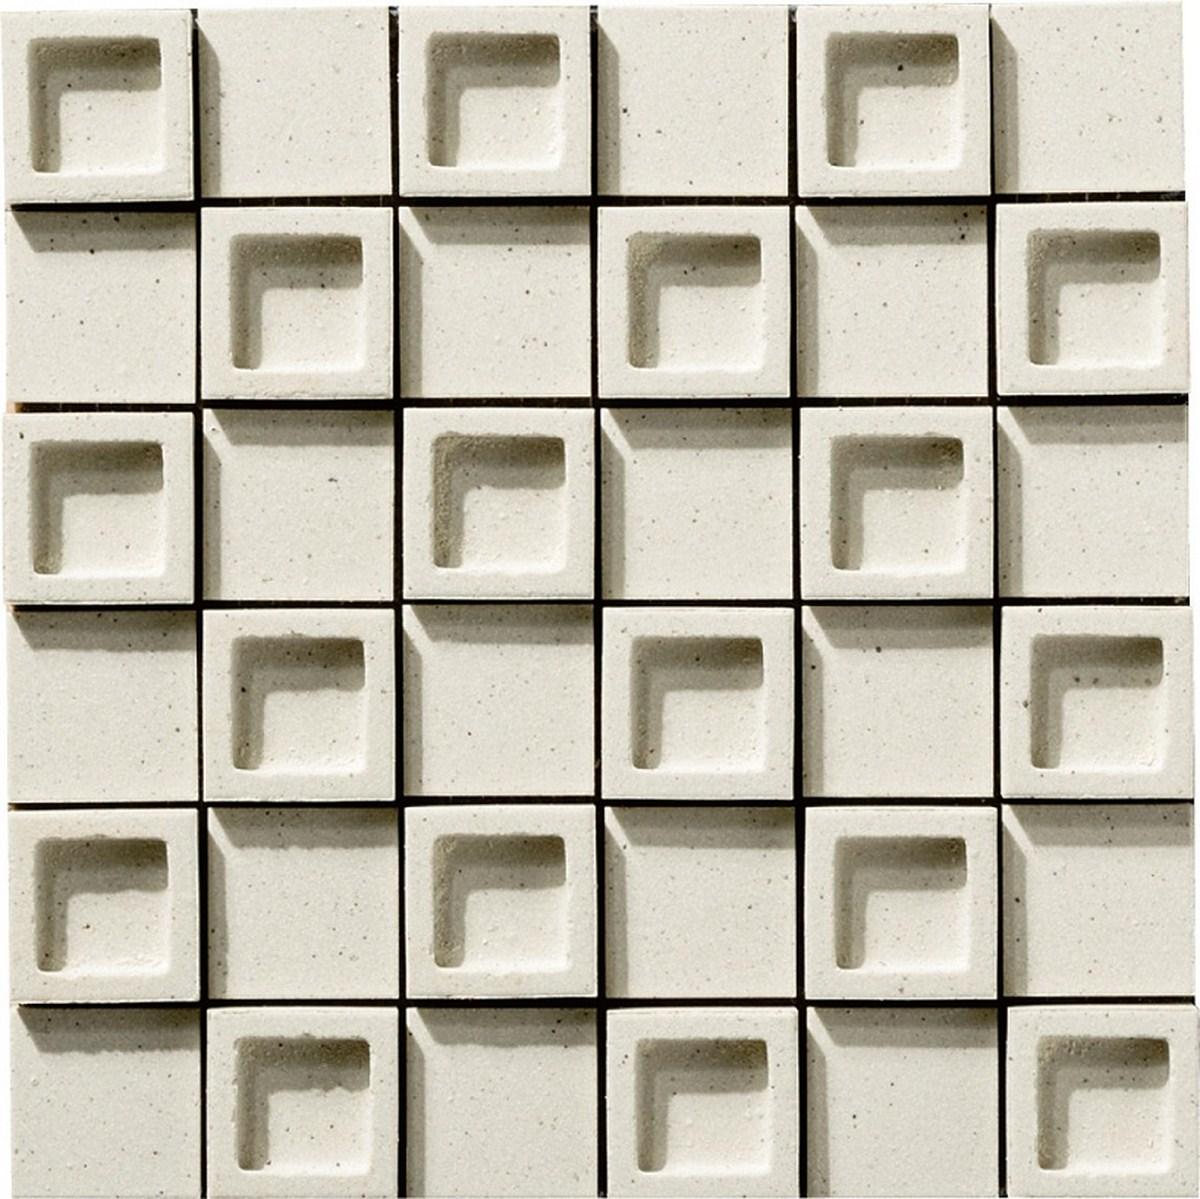 wall tiles design for exterior photo - 2